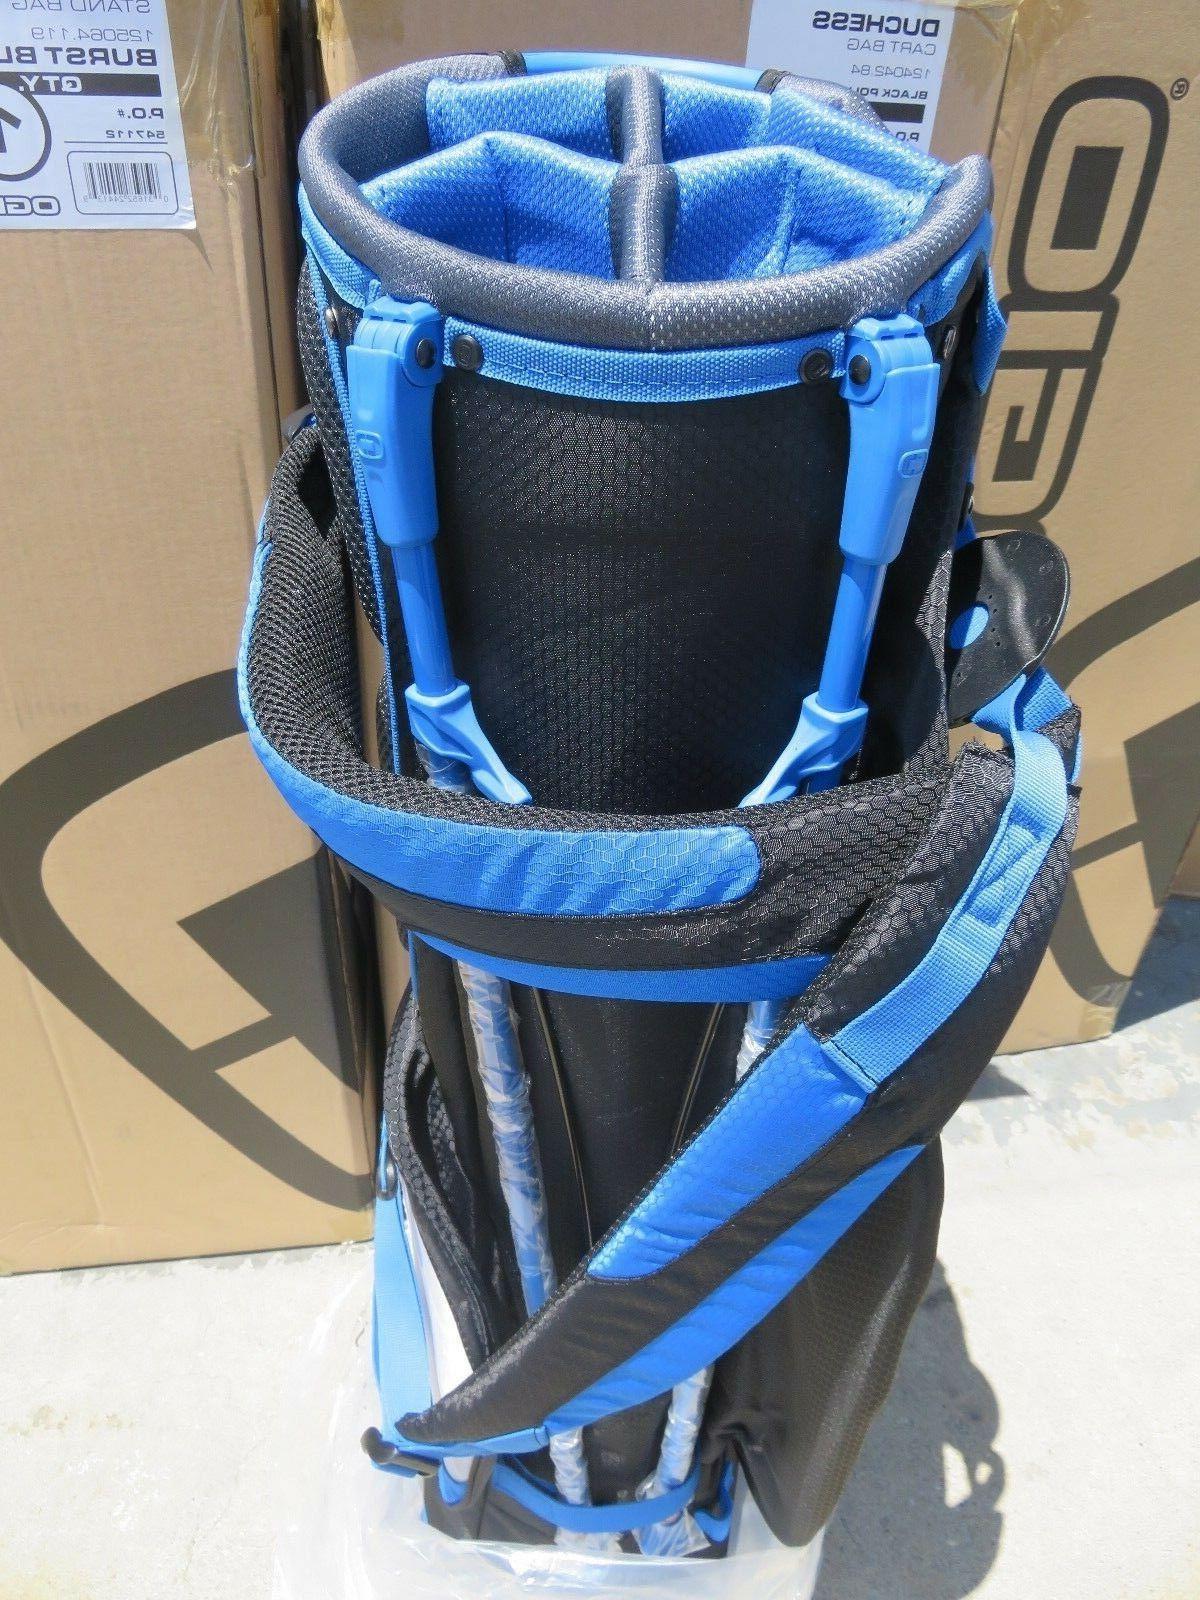 NEW Ogio BURST Divider Bag